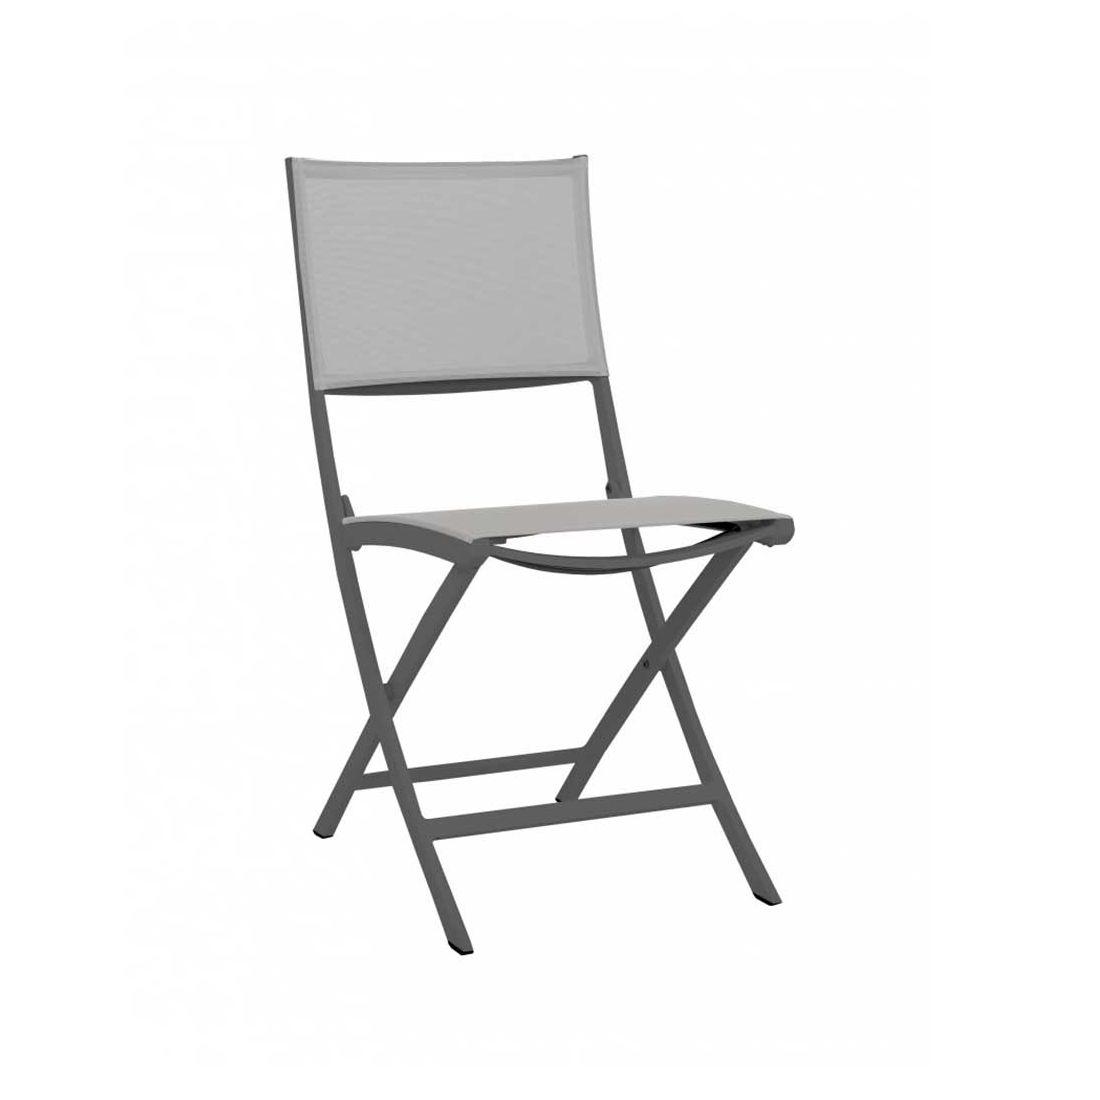 chaise repas de jardin pliante amaka grise les jardins